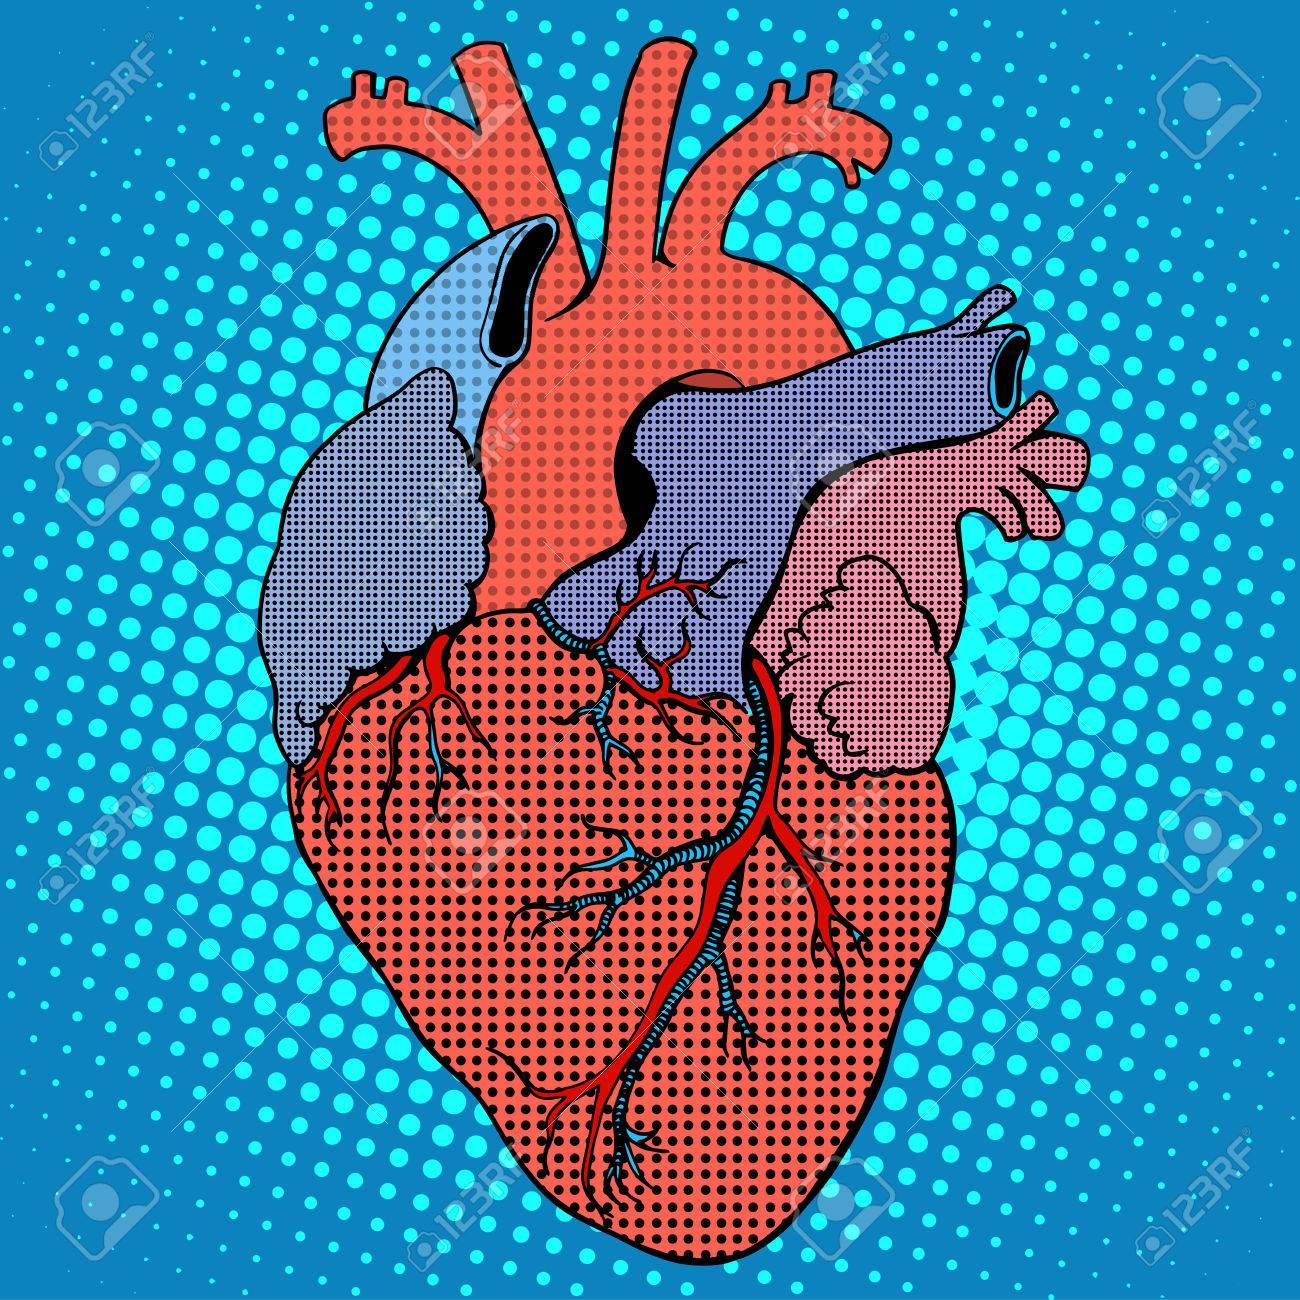 Anatomía Del Corazón Del Estilo Pop Art Retro Humano. Medicina Y ...